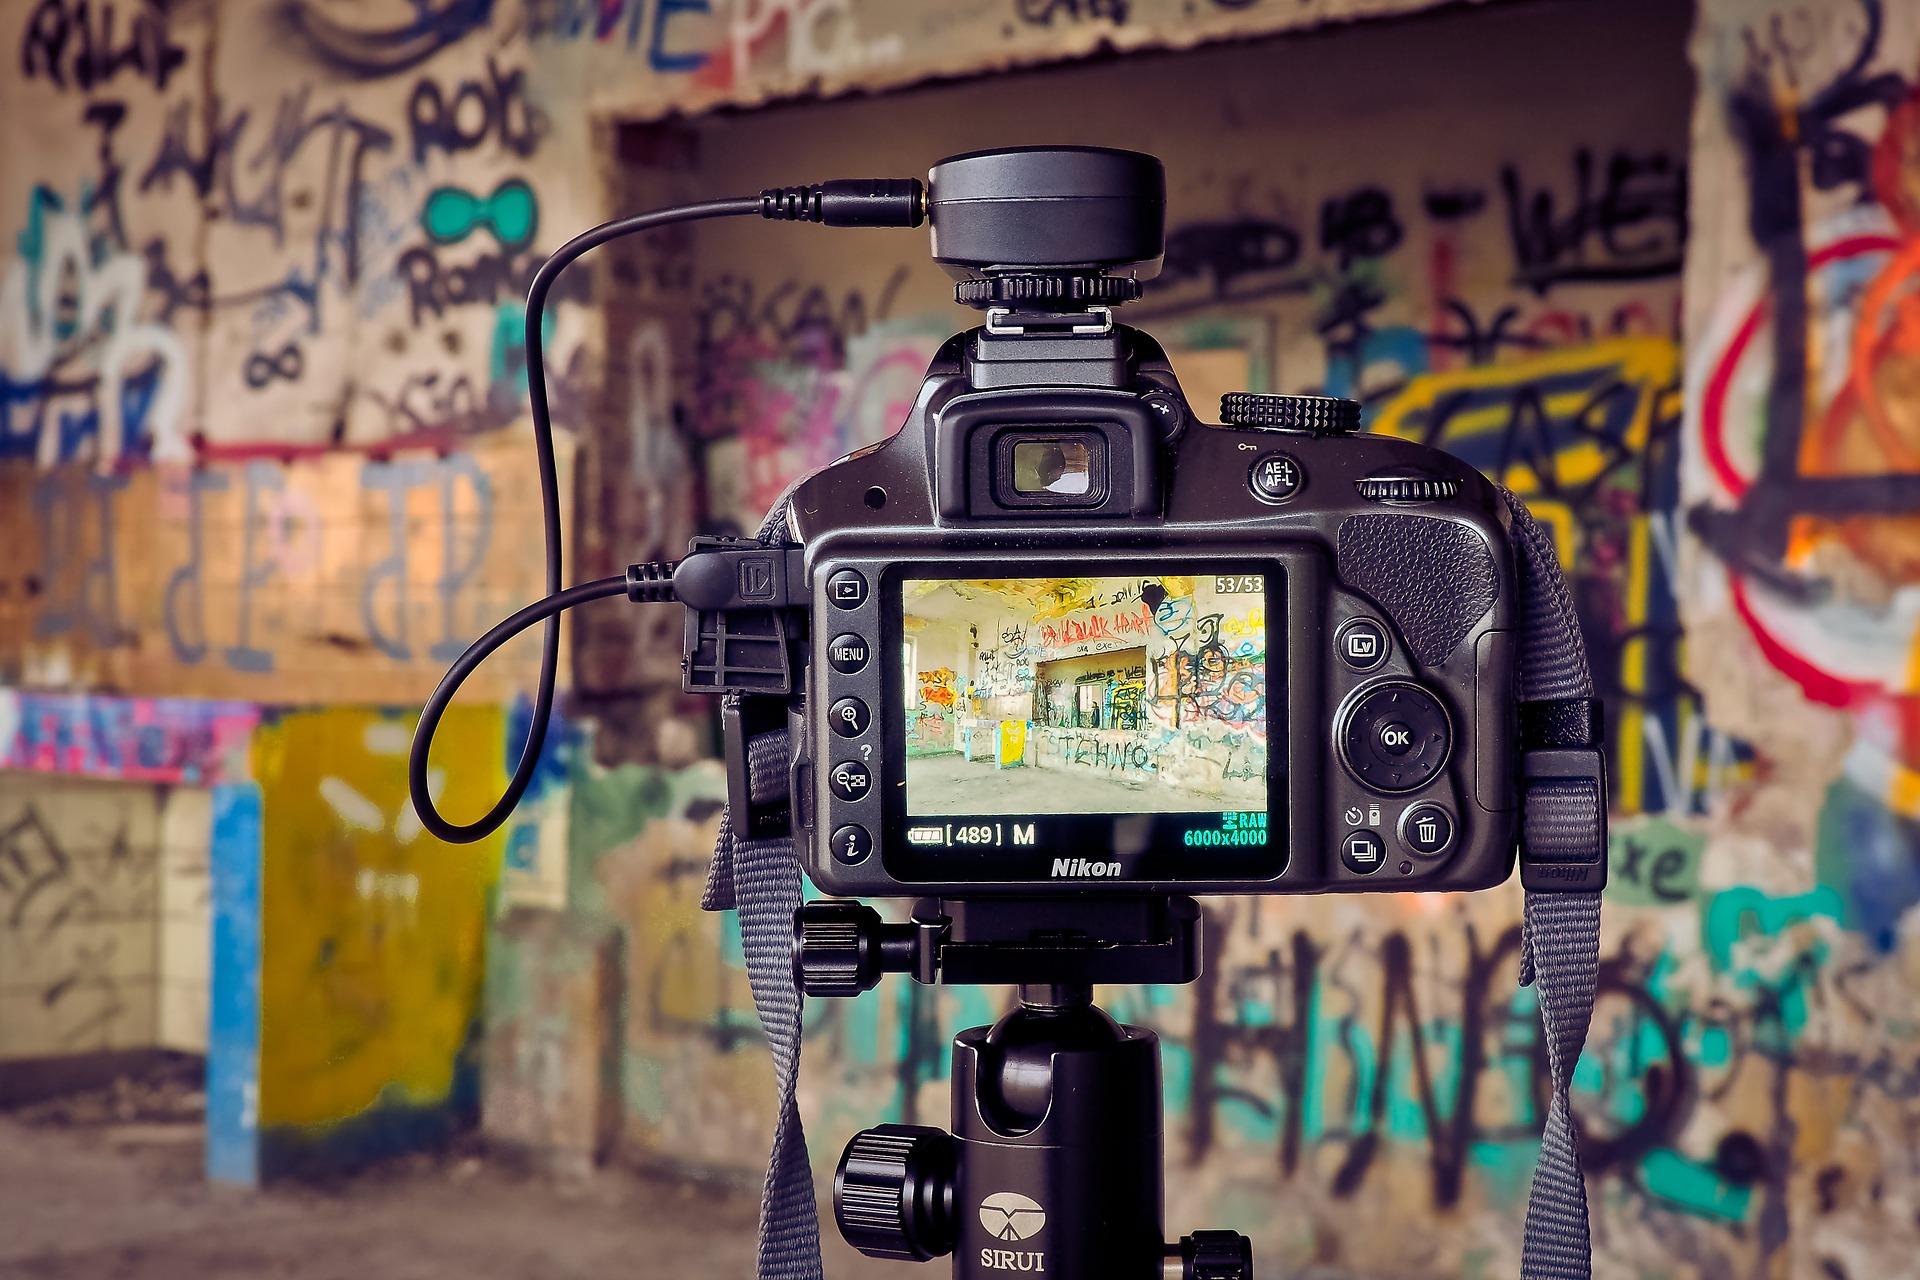 Imagem mostra uma câmera Nikon em um tripé.